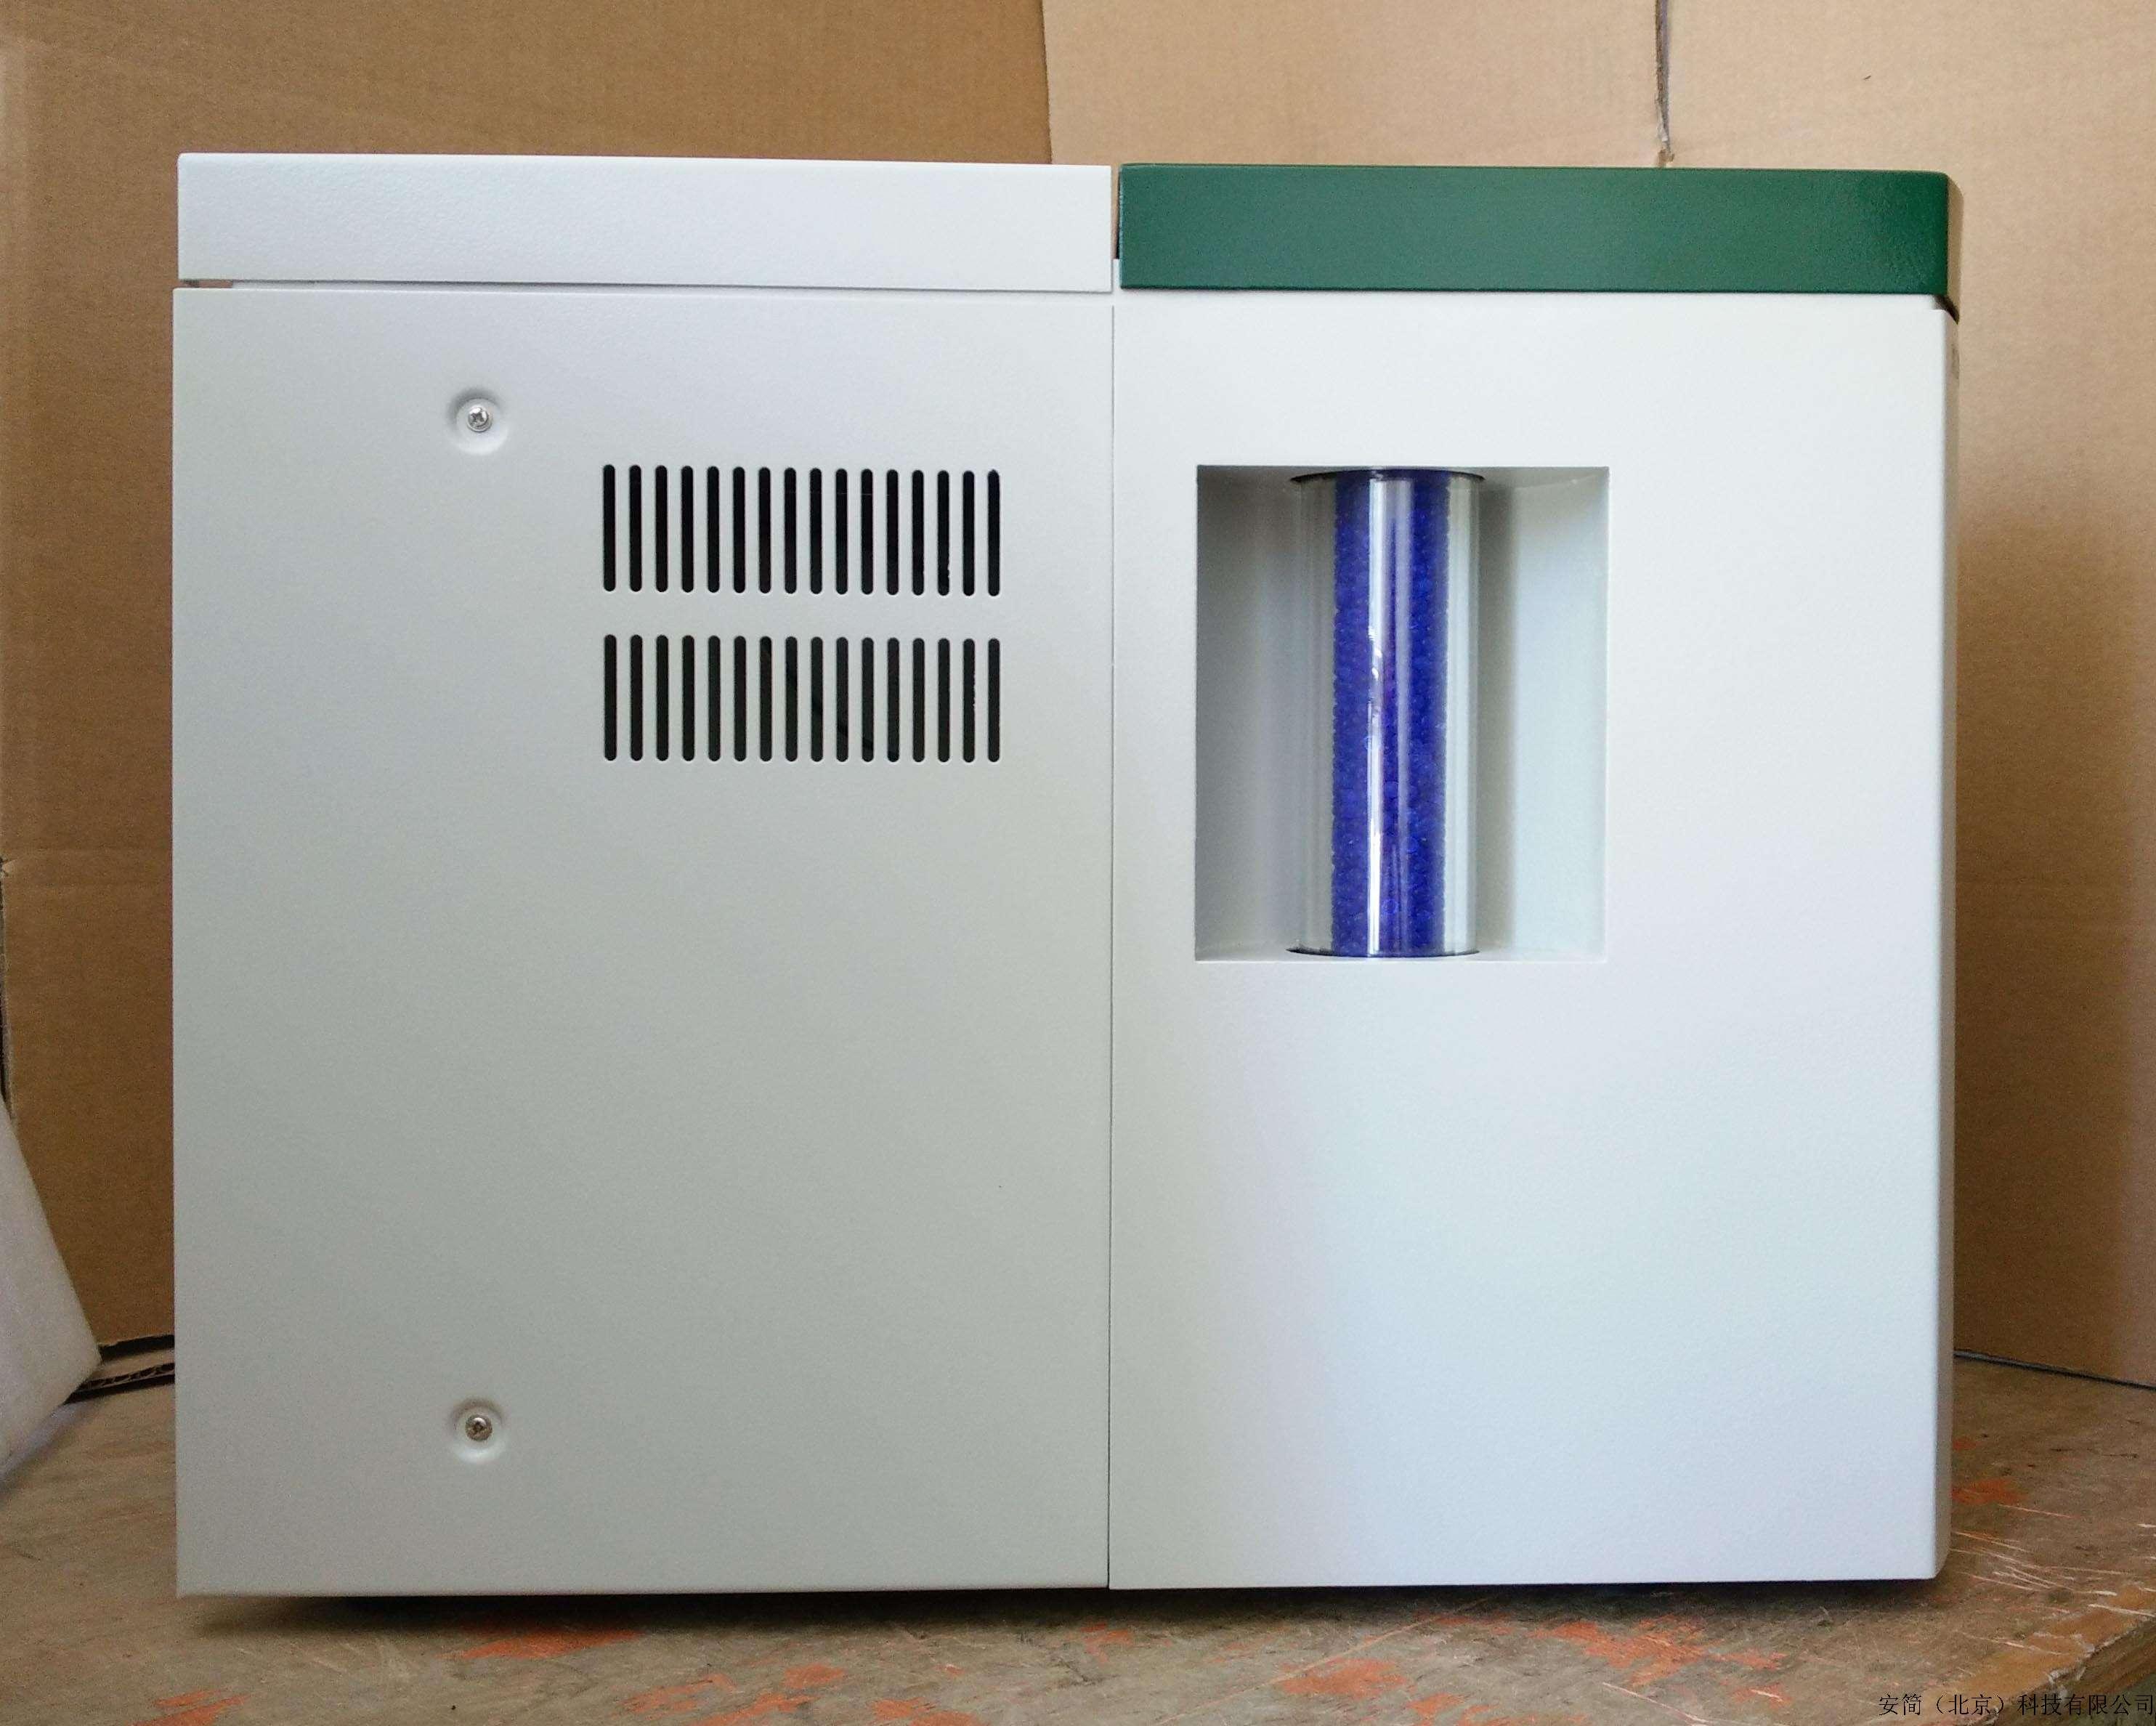 干噪管可视窗.便于观察干燥管的变色情况,有助于及时更换变色硅胶